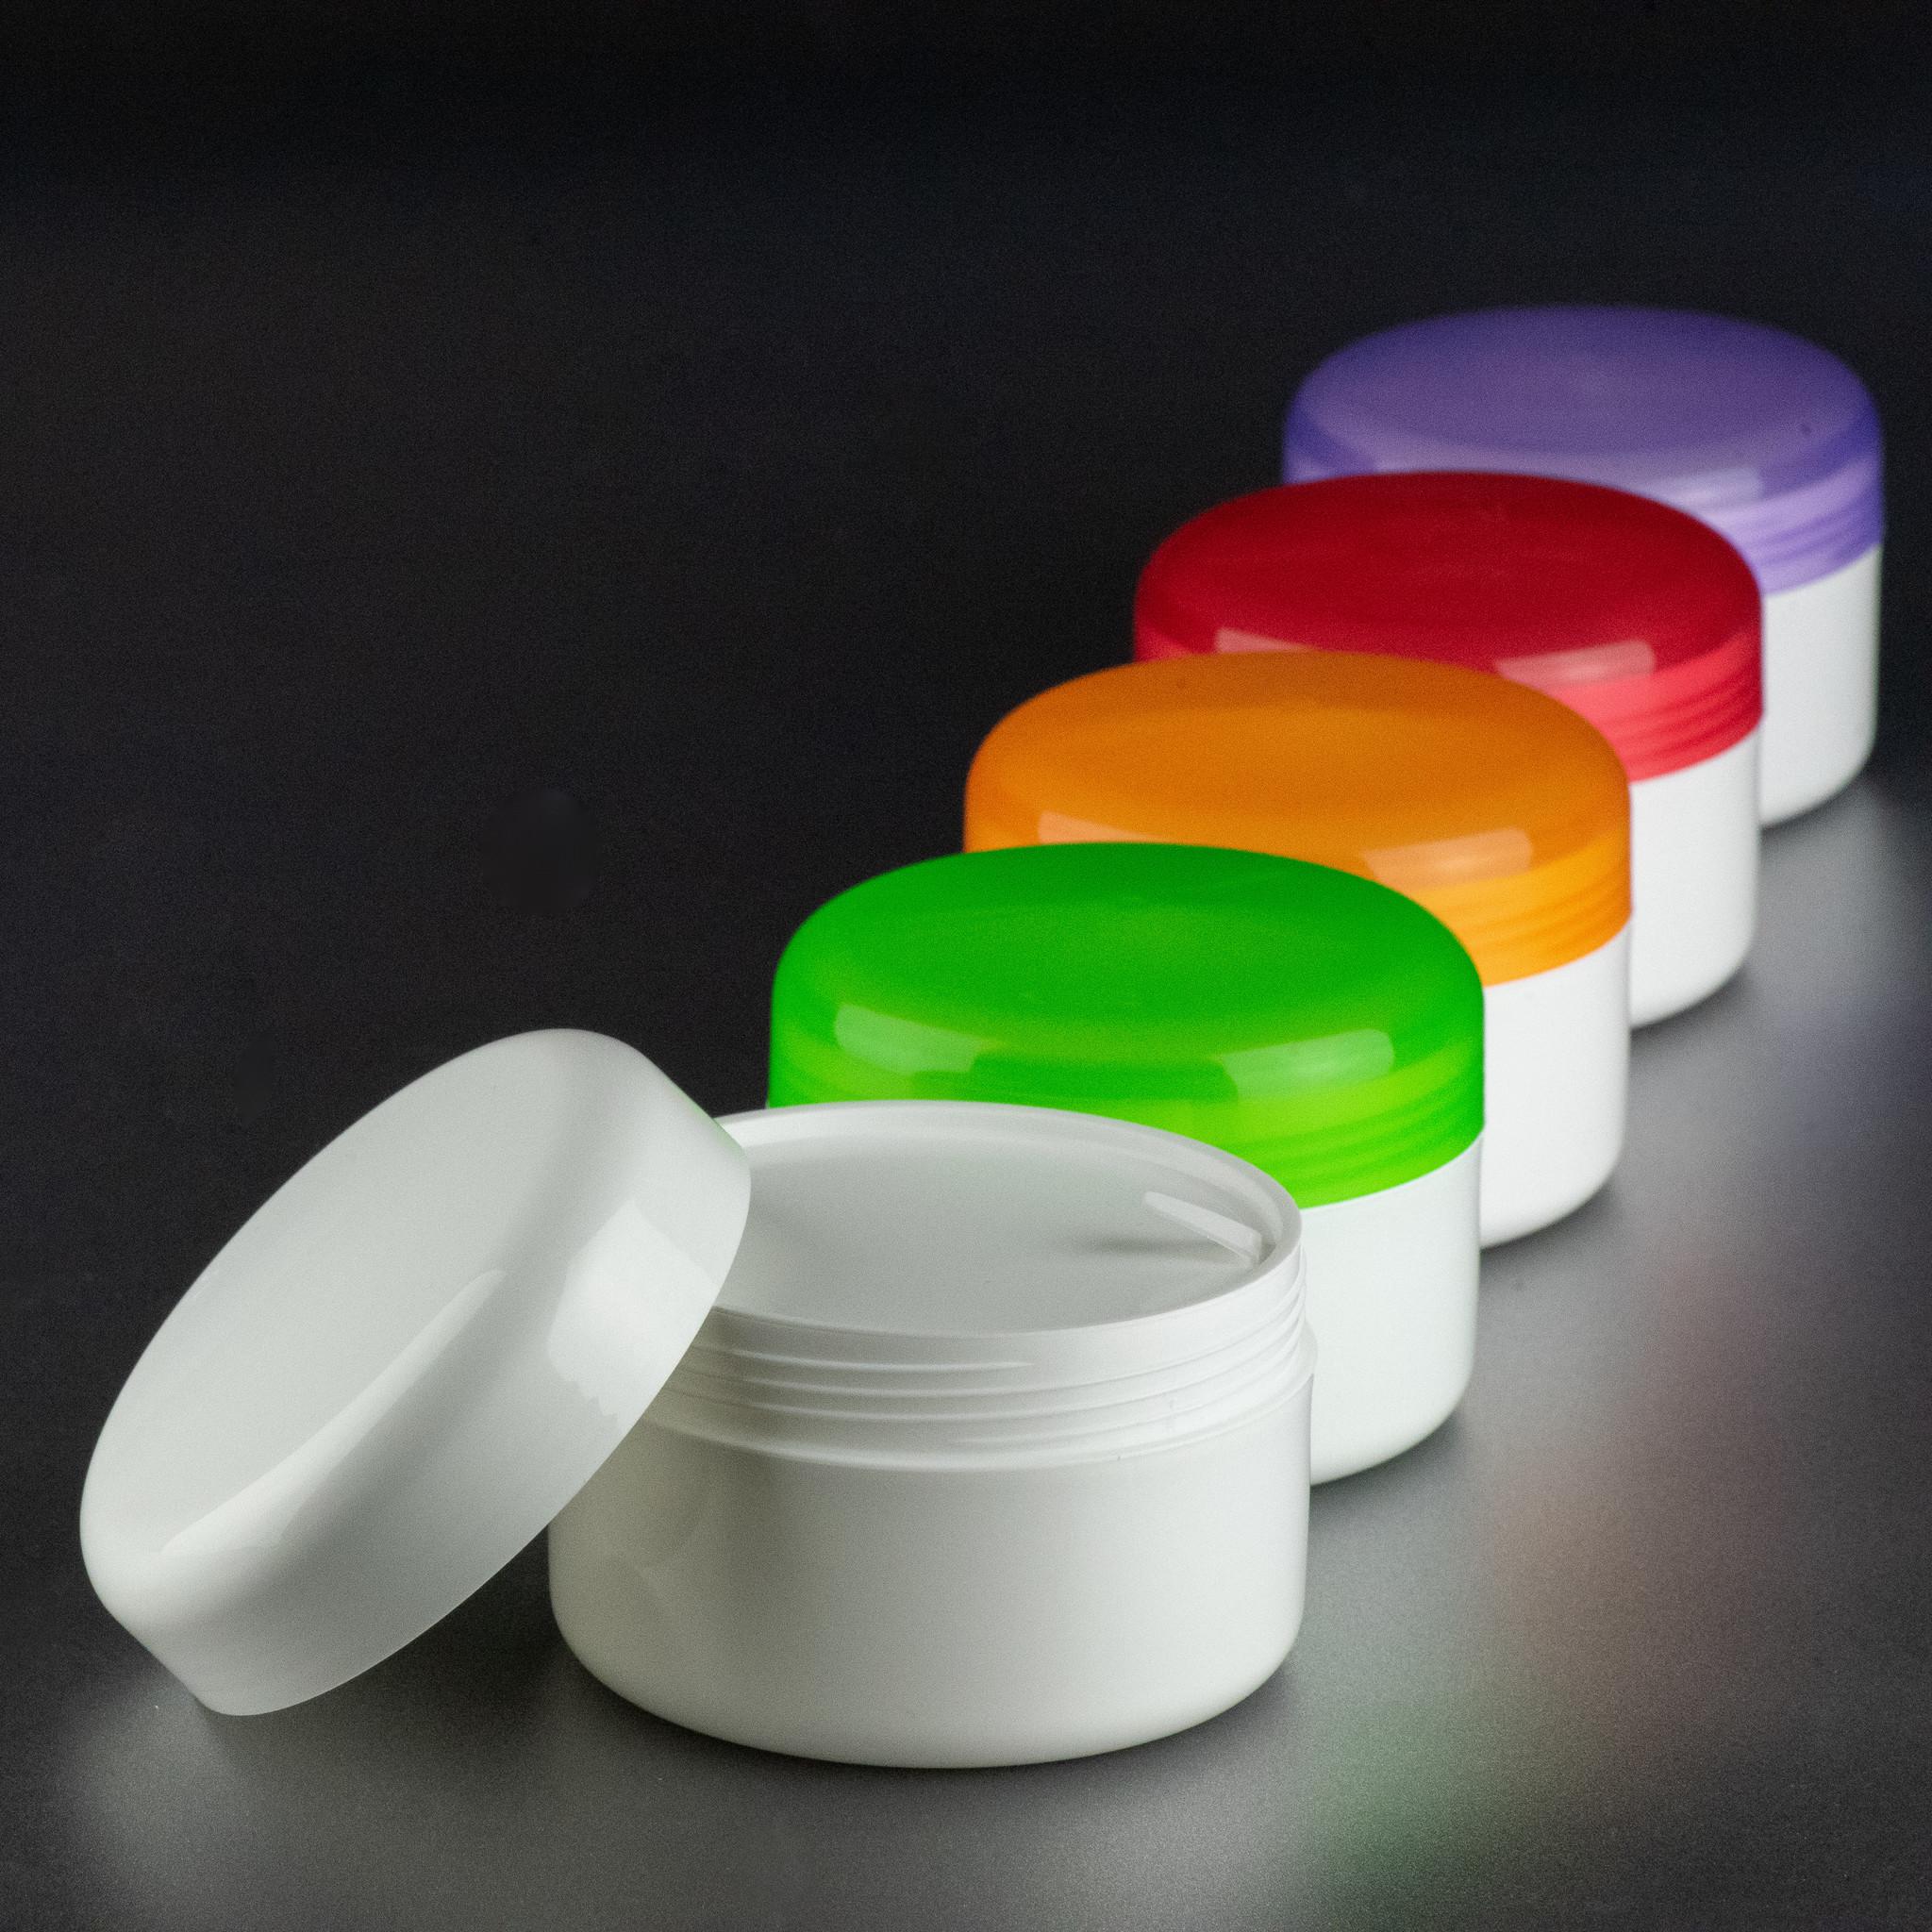 handcréme pot - cosmetica verpakking - gekleurde deksel